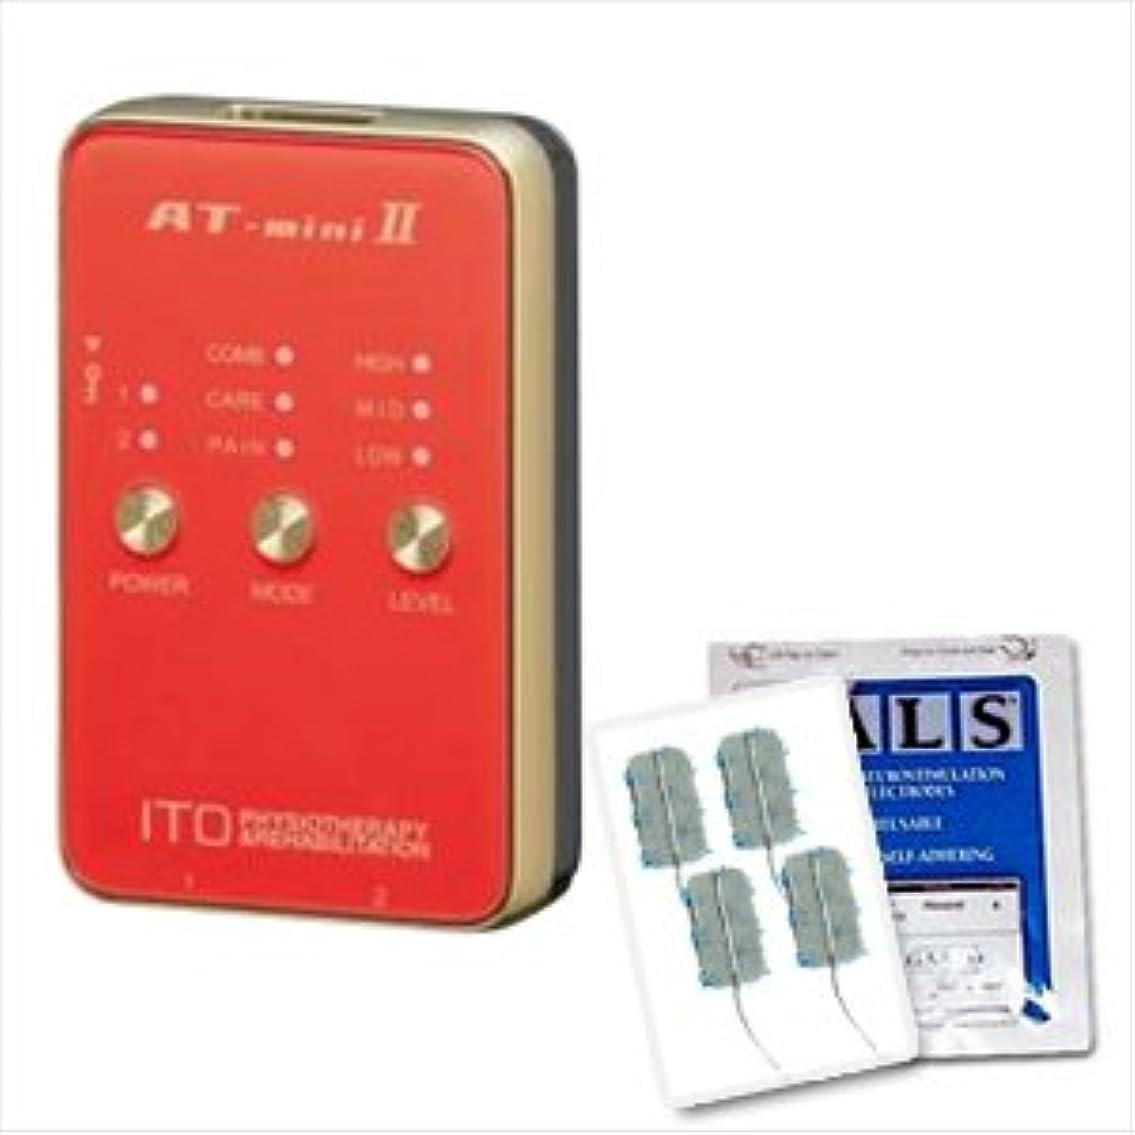 水曜日気性原理低周波治療器 AT-mini II オレンジ +アクセルガードLサイズ(5x9cm:1袋4枚入)セット